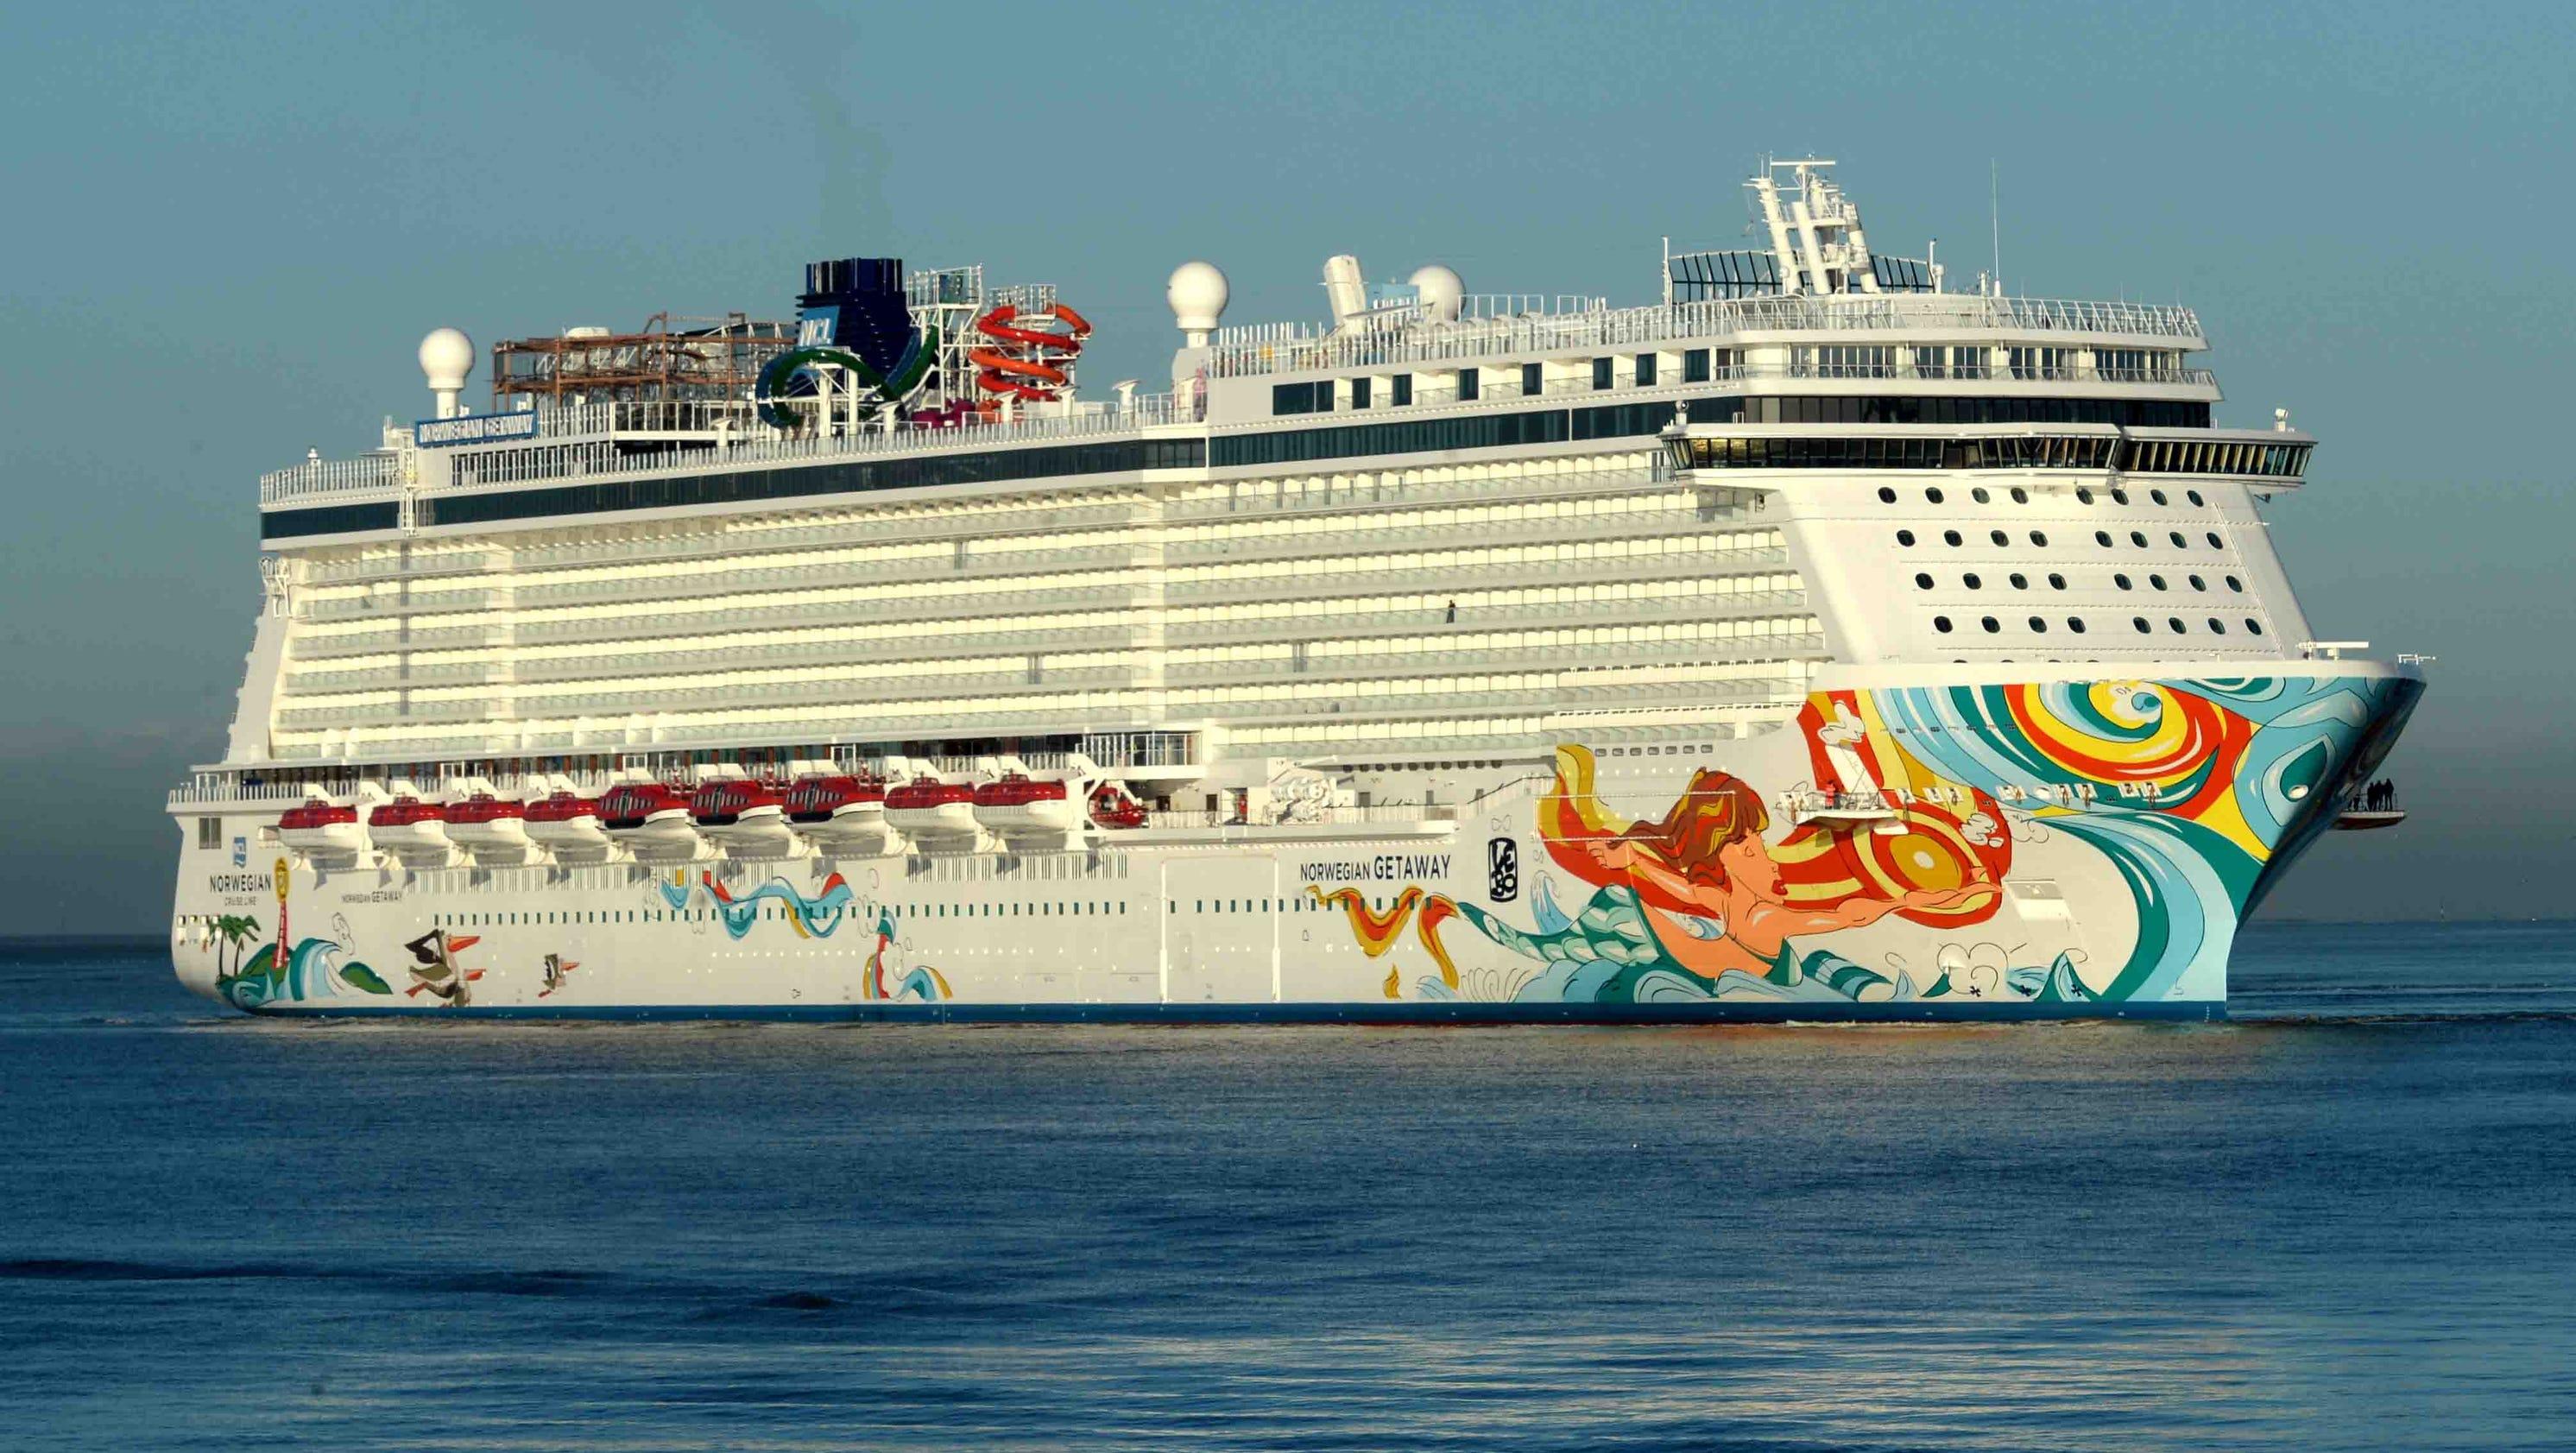 Cruise Ship Tours Norwegian Cruise Line S Norwegian Getaway